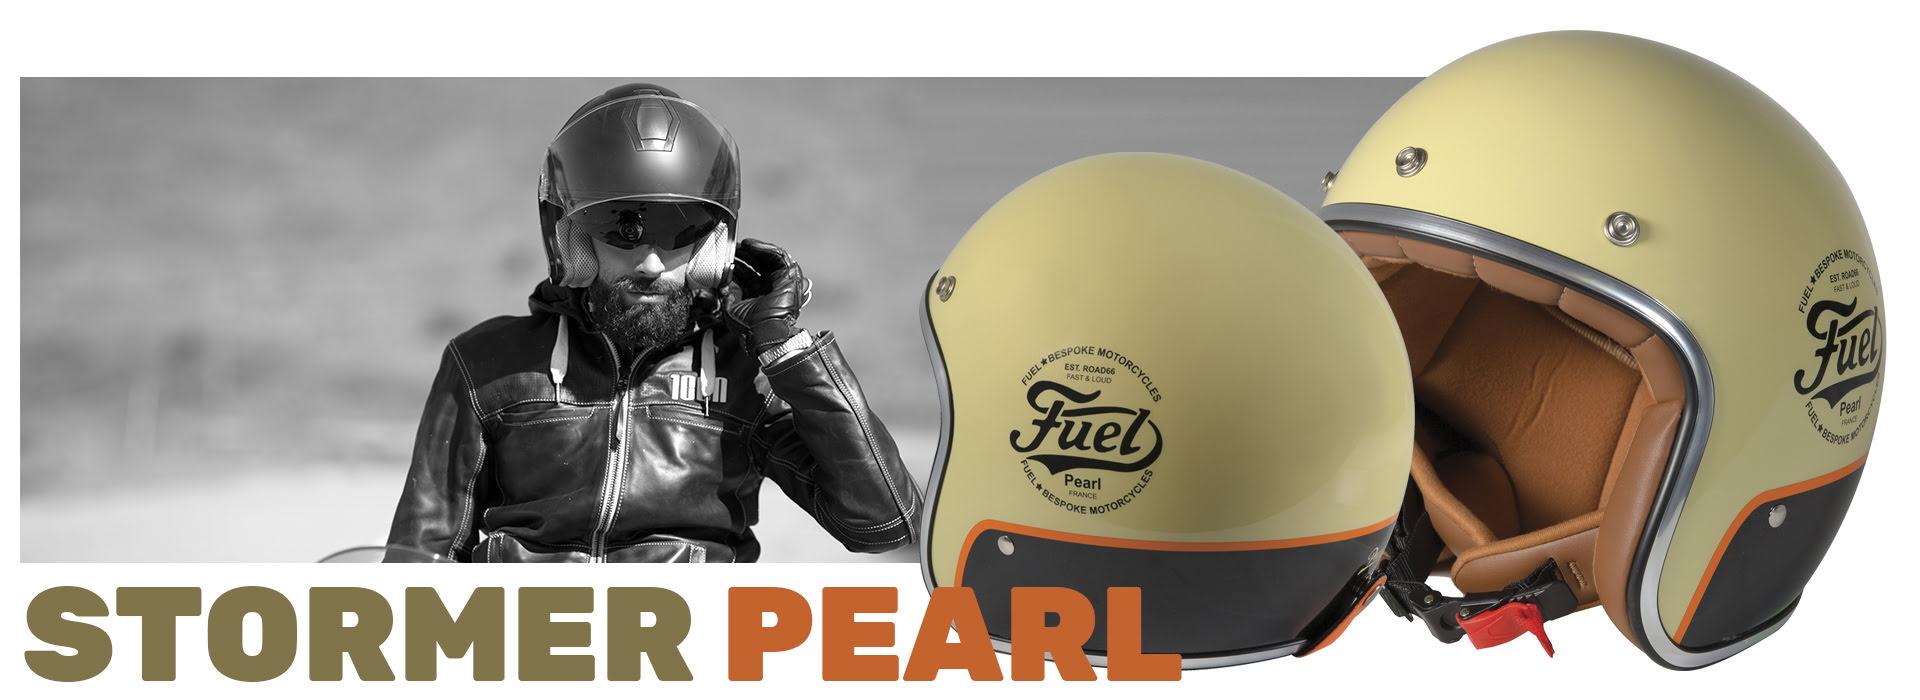 Stormer PEARL